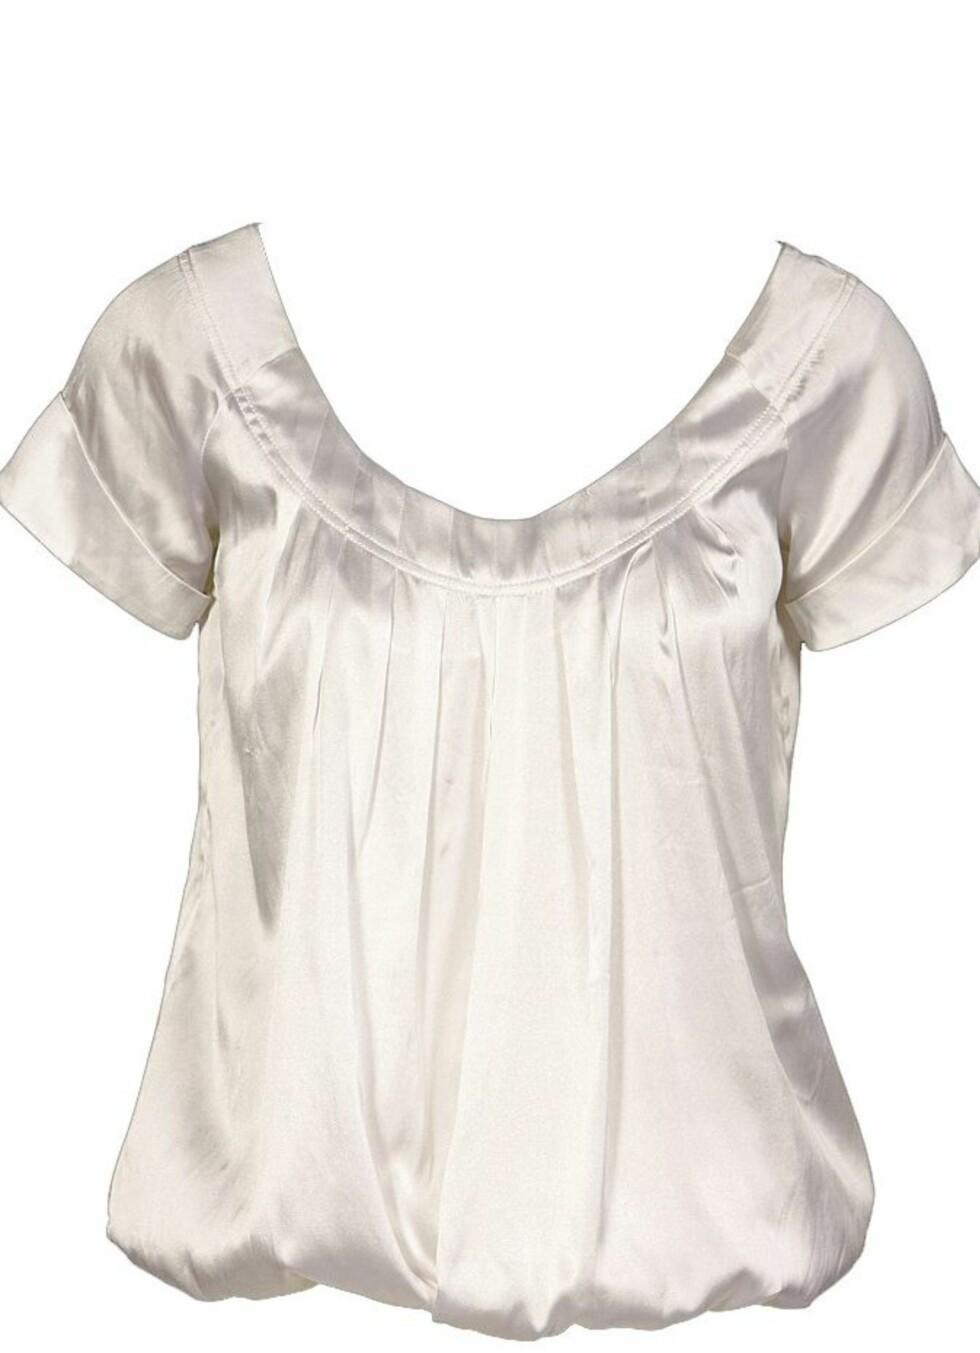 I silke (kr 1800, Gant).